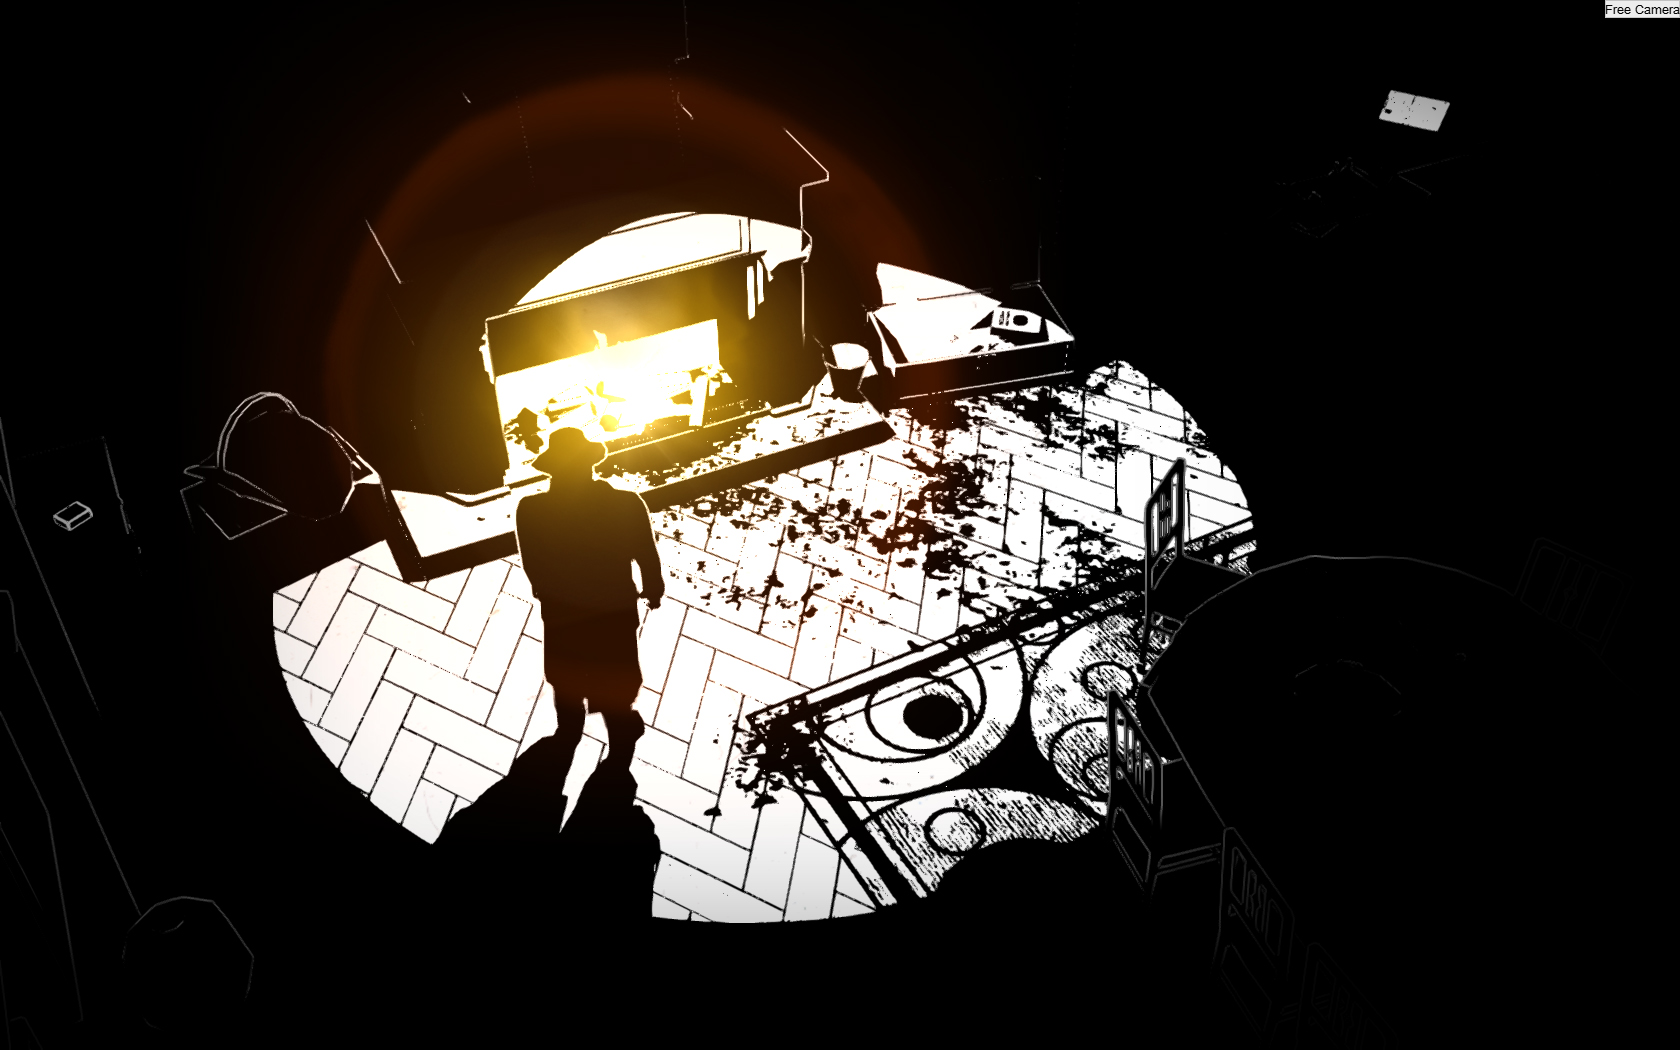 White Night_Launch Screenshot_2